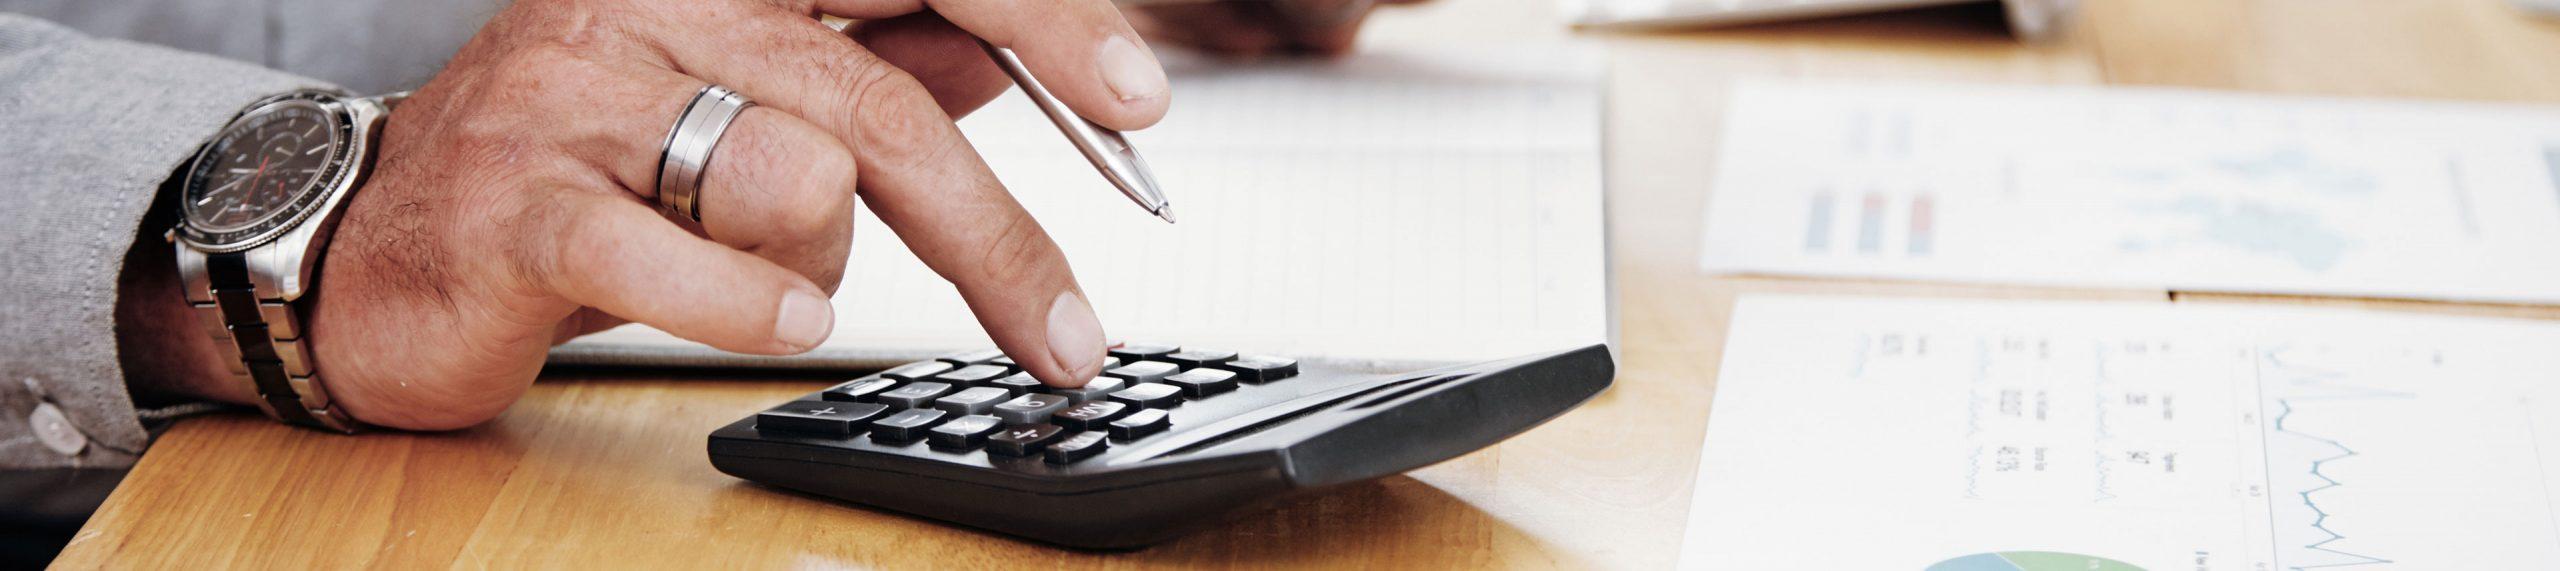 Specialist tax advice